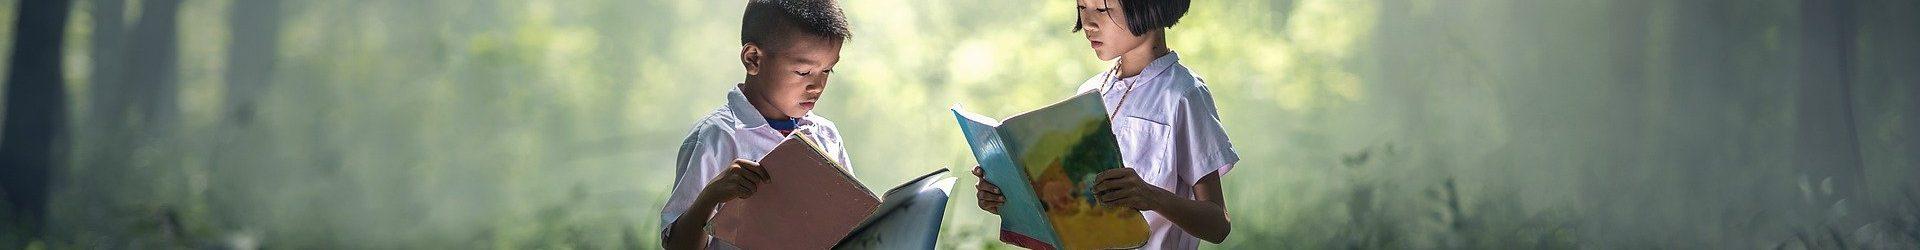 Educació dels fills i treball: dues àrees per al nostre creixement